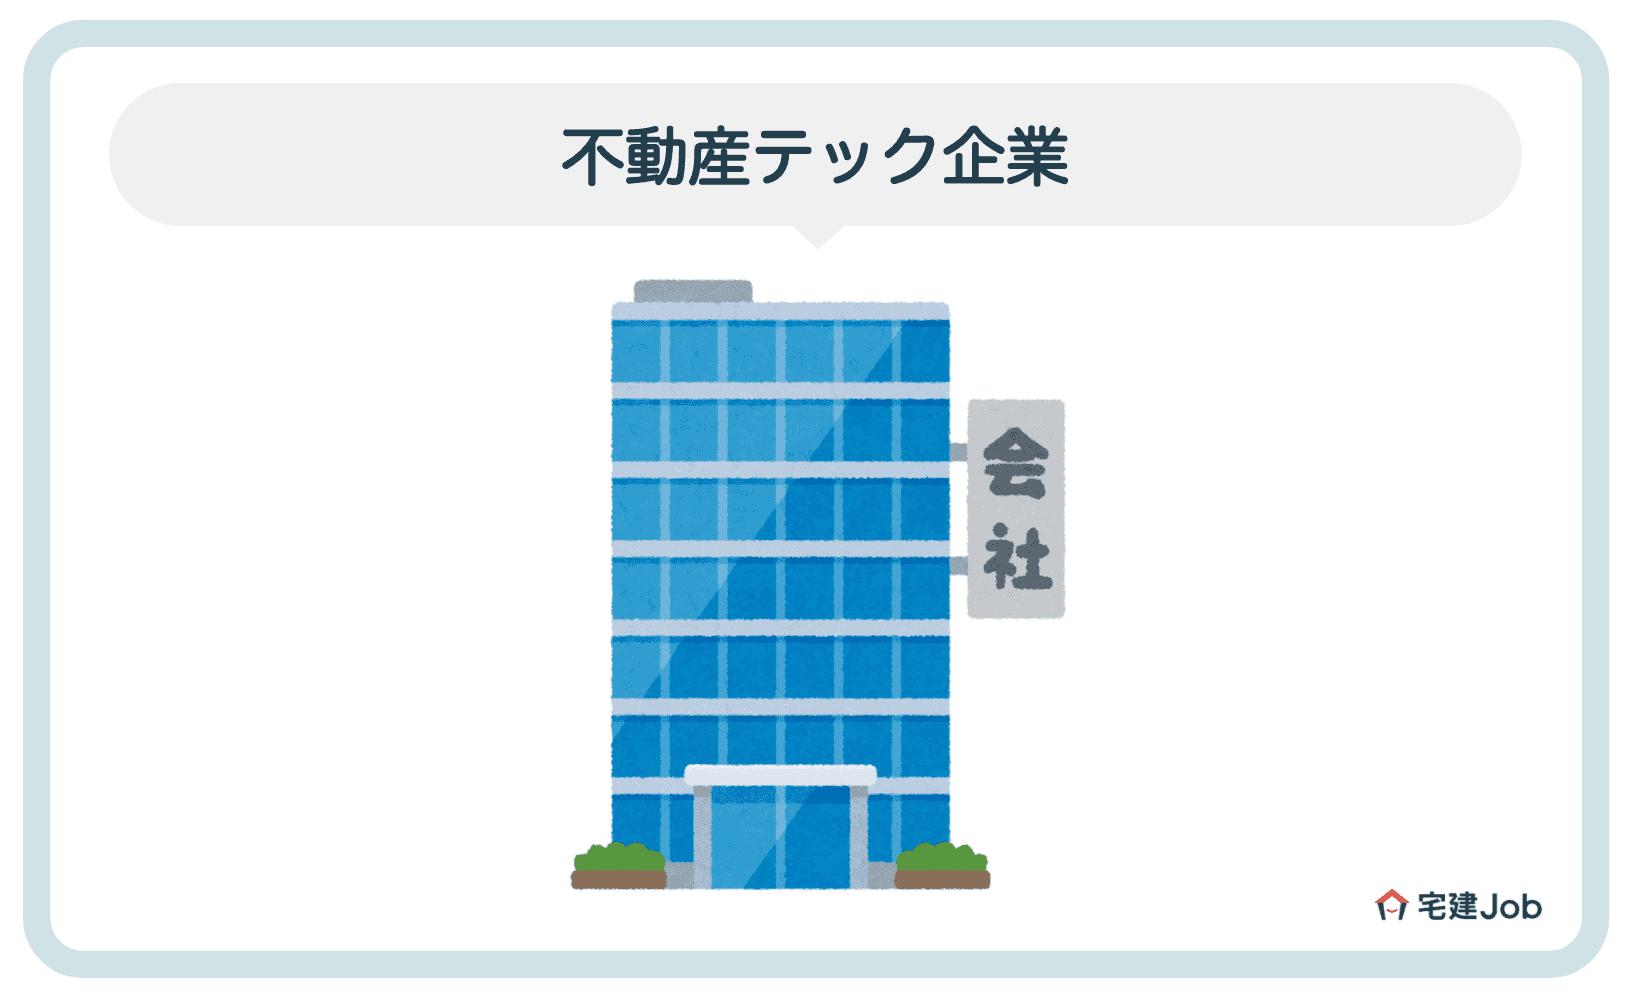 3.不動産テックと呼ばれる企業を紹介【上場・日米中】